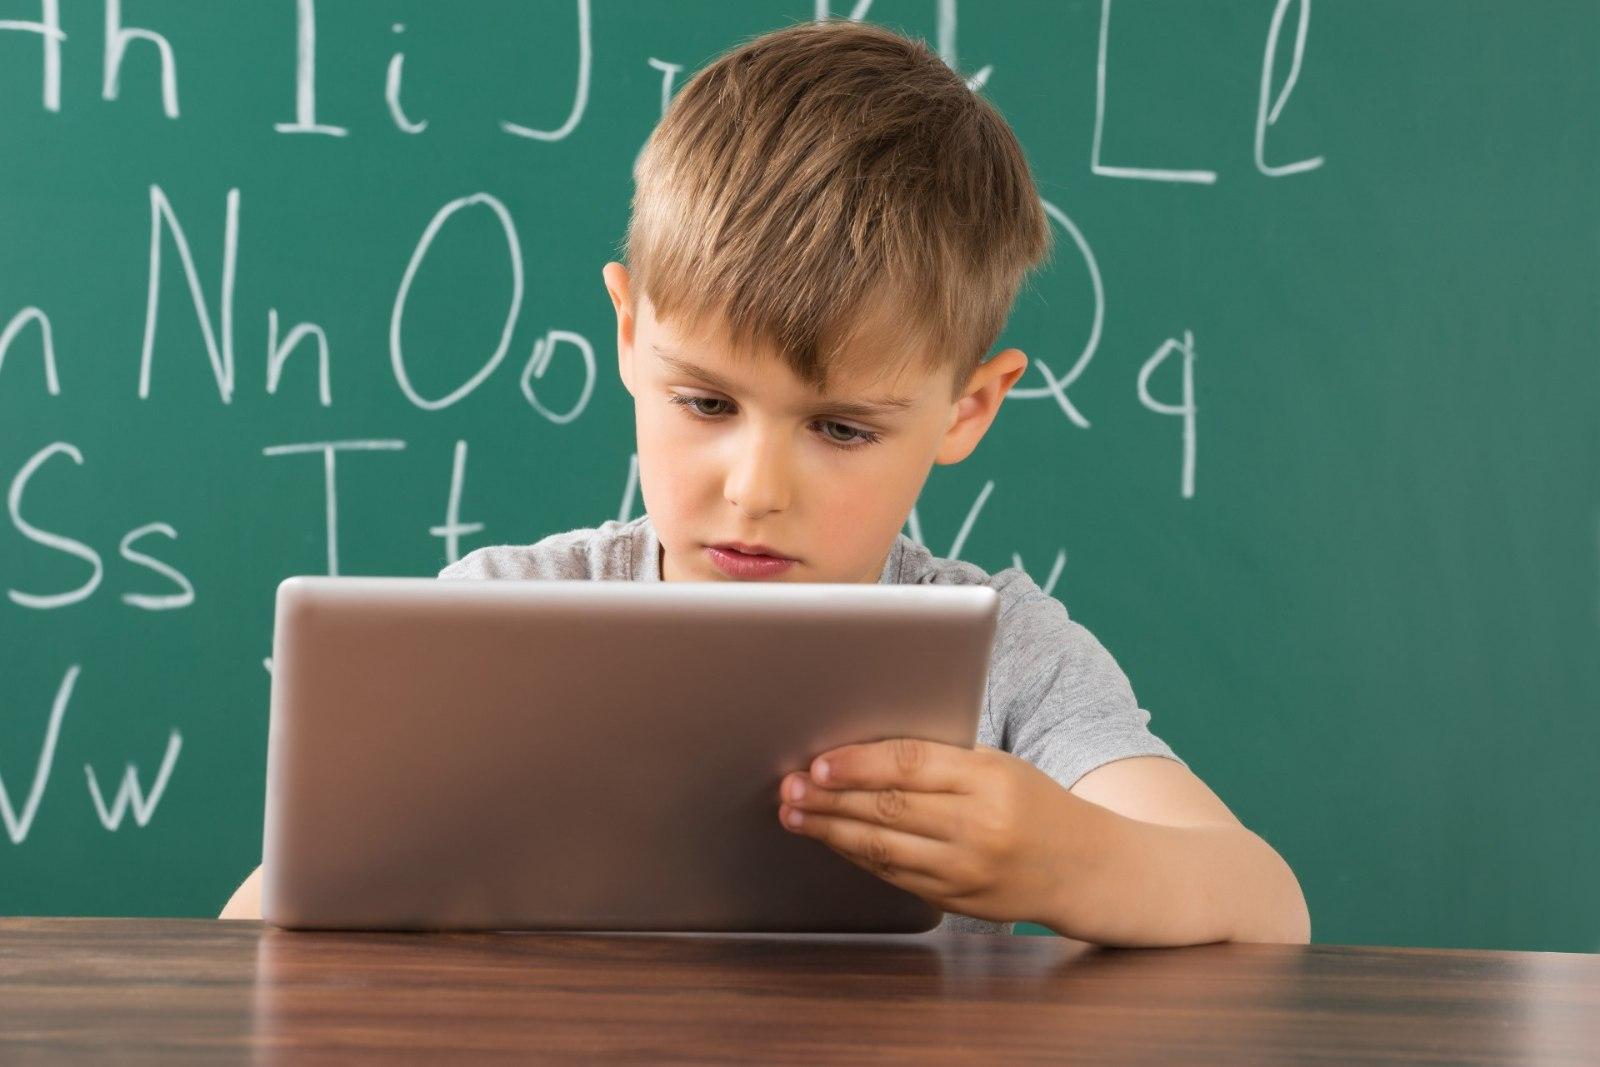 04d04c08a7f Kas tead, millega laps internetis tegeleb? | Õhtuleht